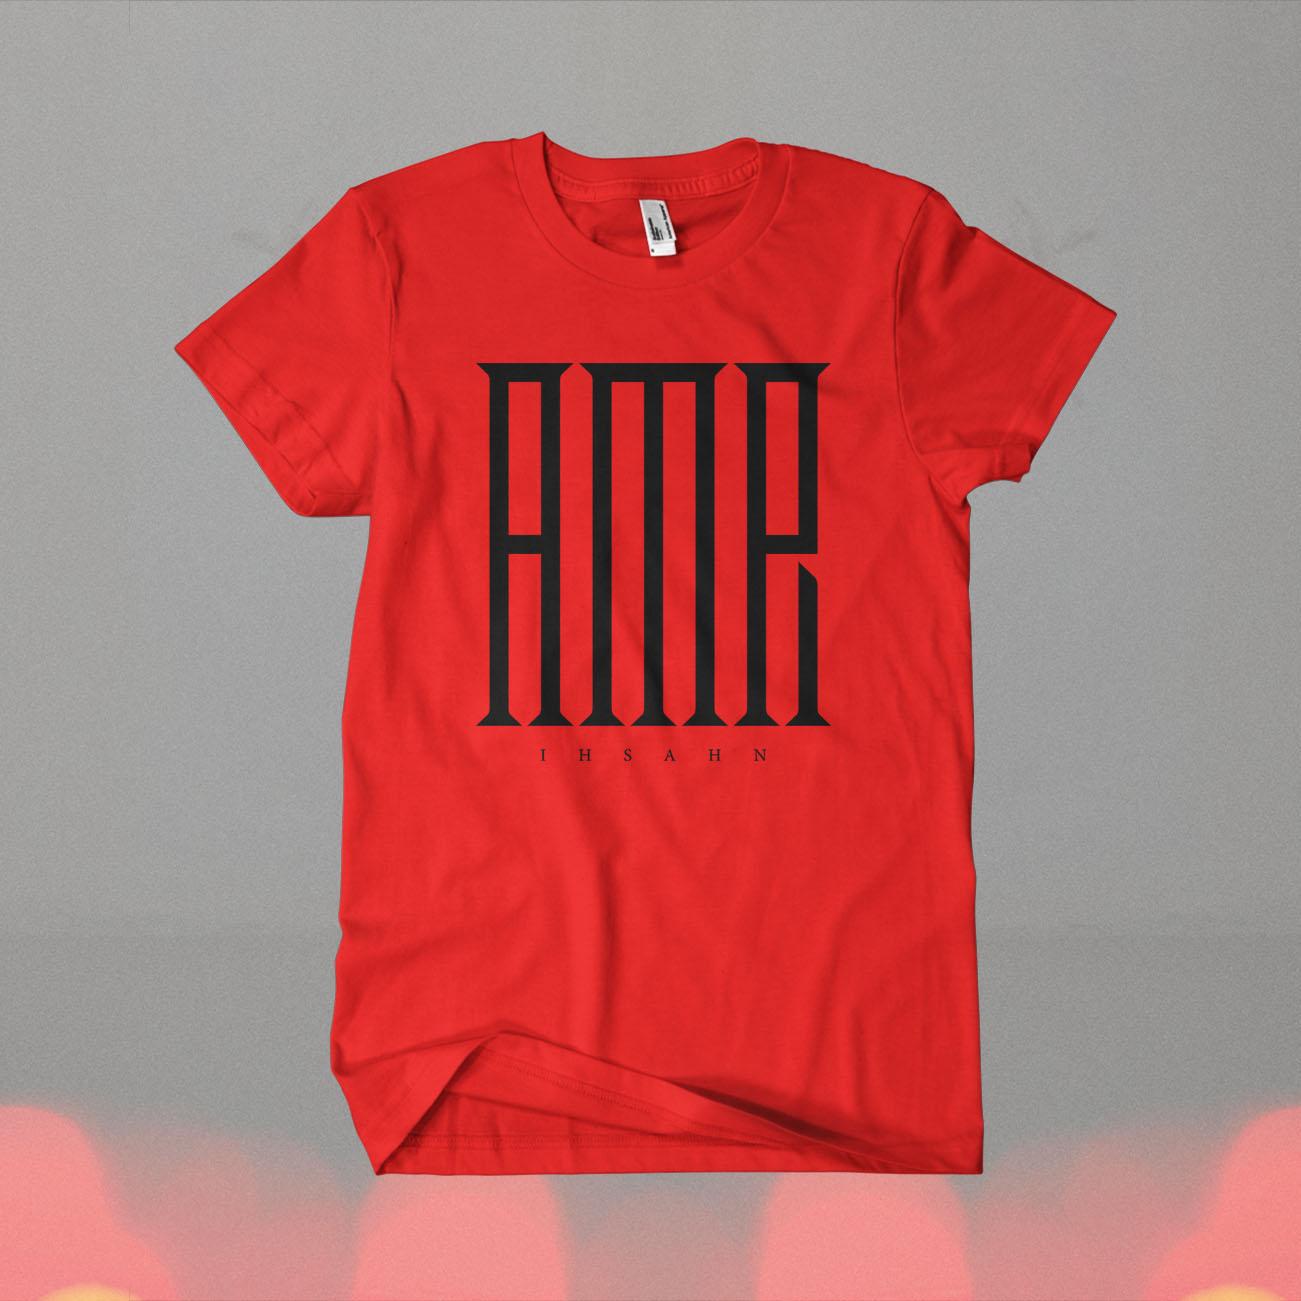 Ihsahn - 'Àmr Logo' T-Shirt - Ihsahn